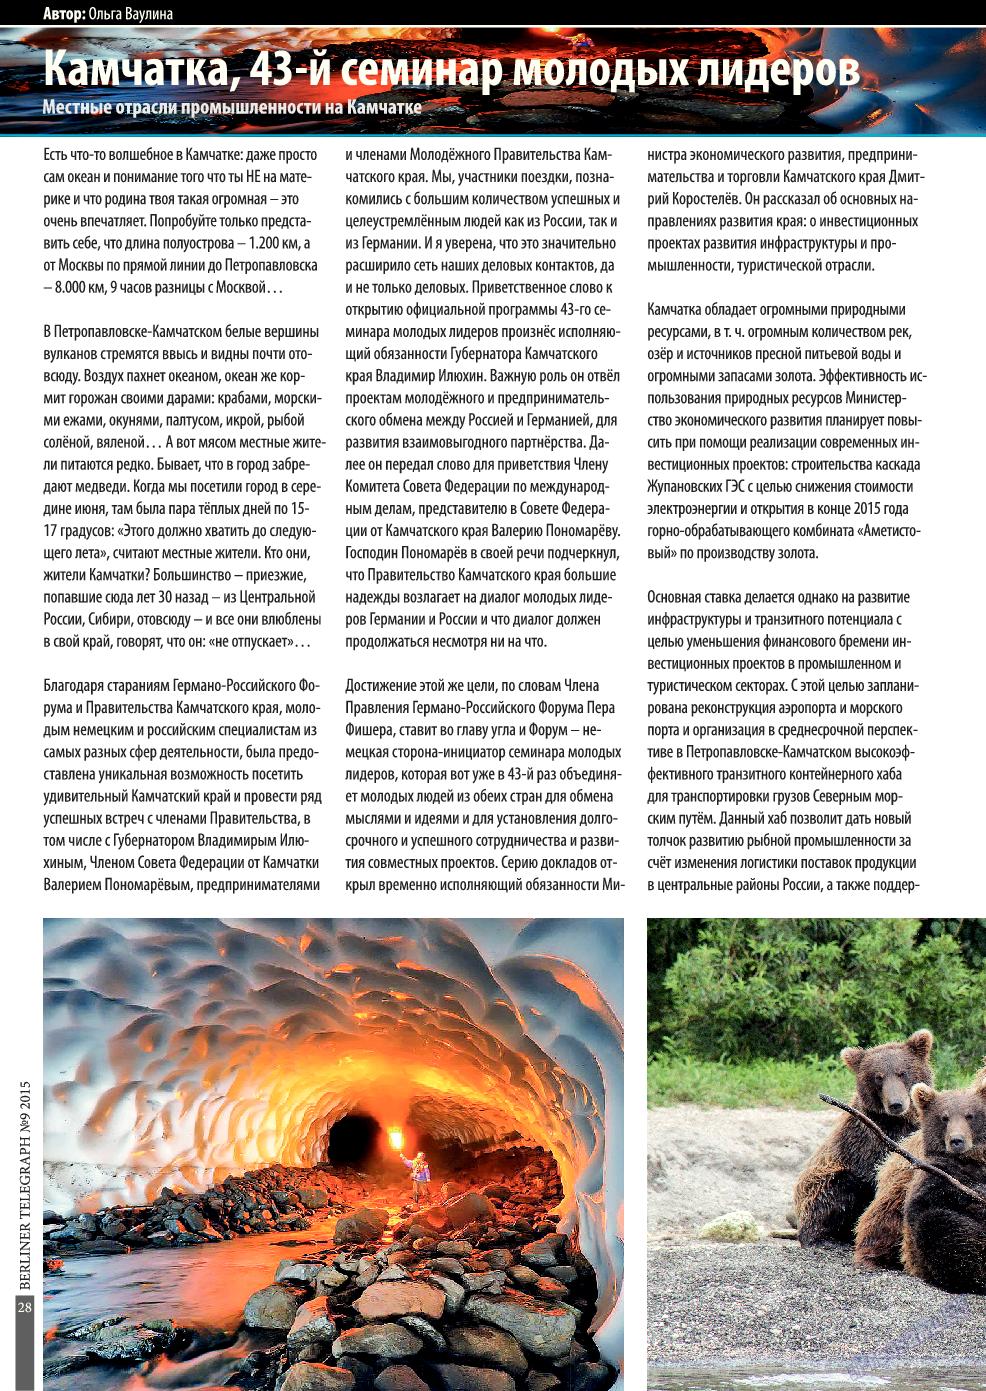 Берлинский телеграф (журнал). 2015 год, номер 9, стр. 28